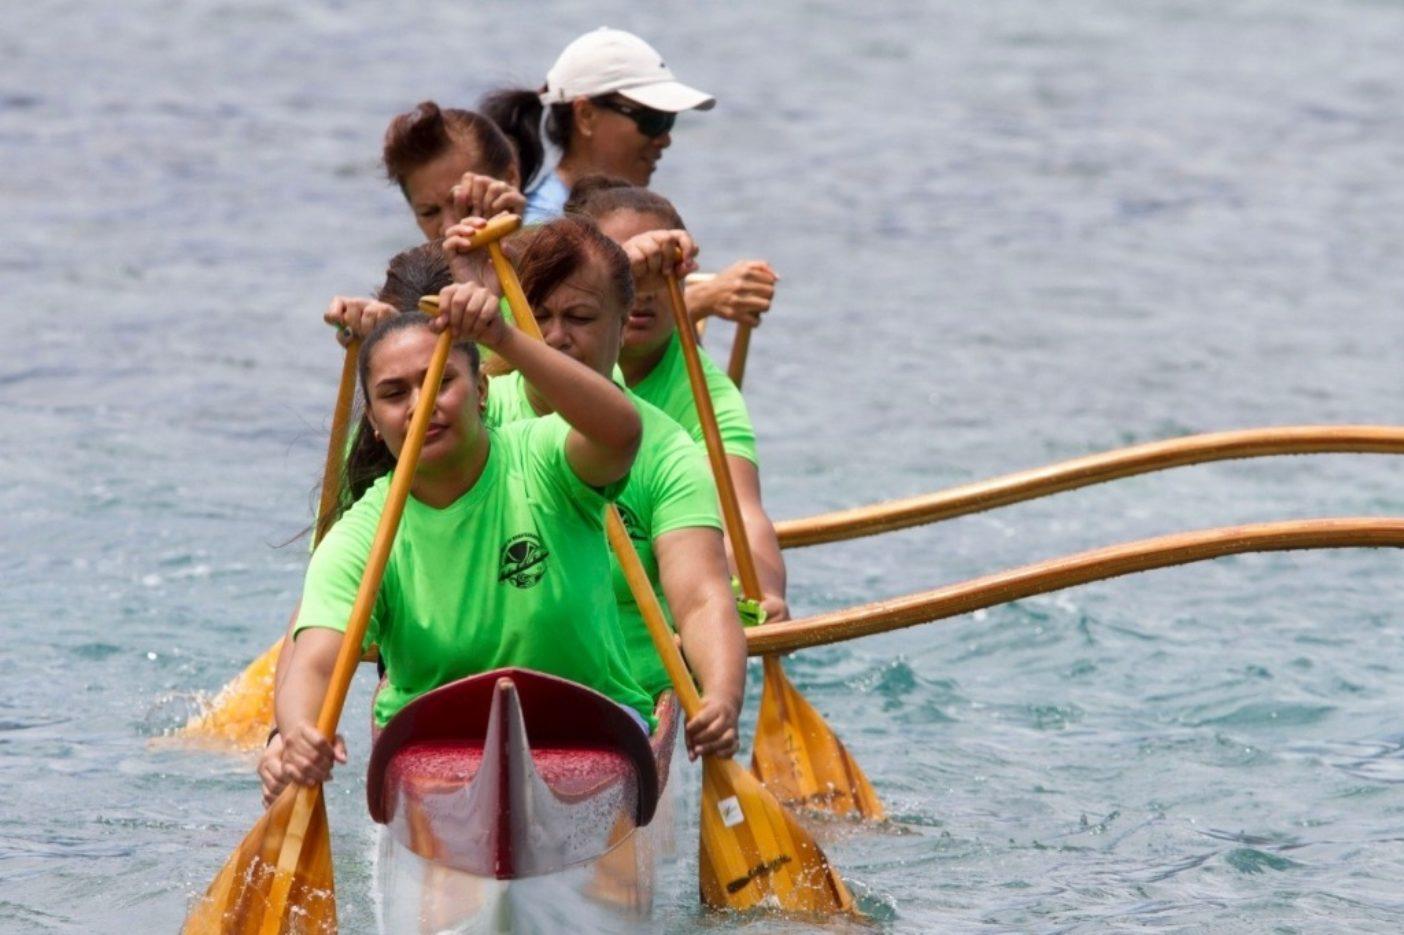 ポリネシアを統一する理念である「ひとつになってパドリング」の鍛錬に励む地元のパドラータチ。Photo: John Bilderback